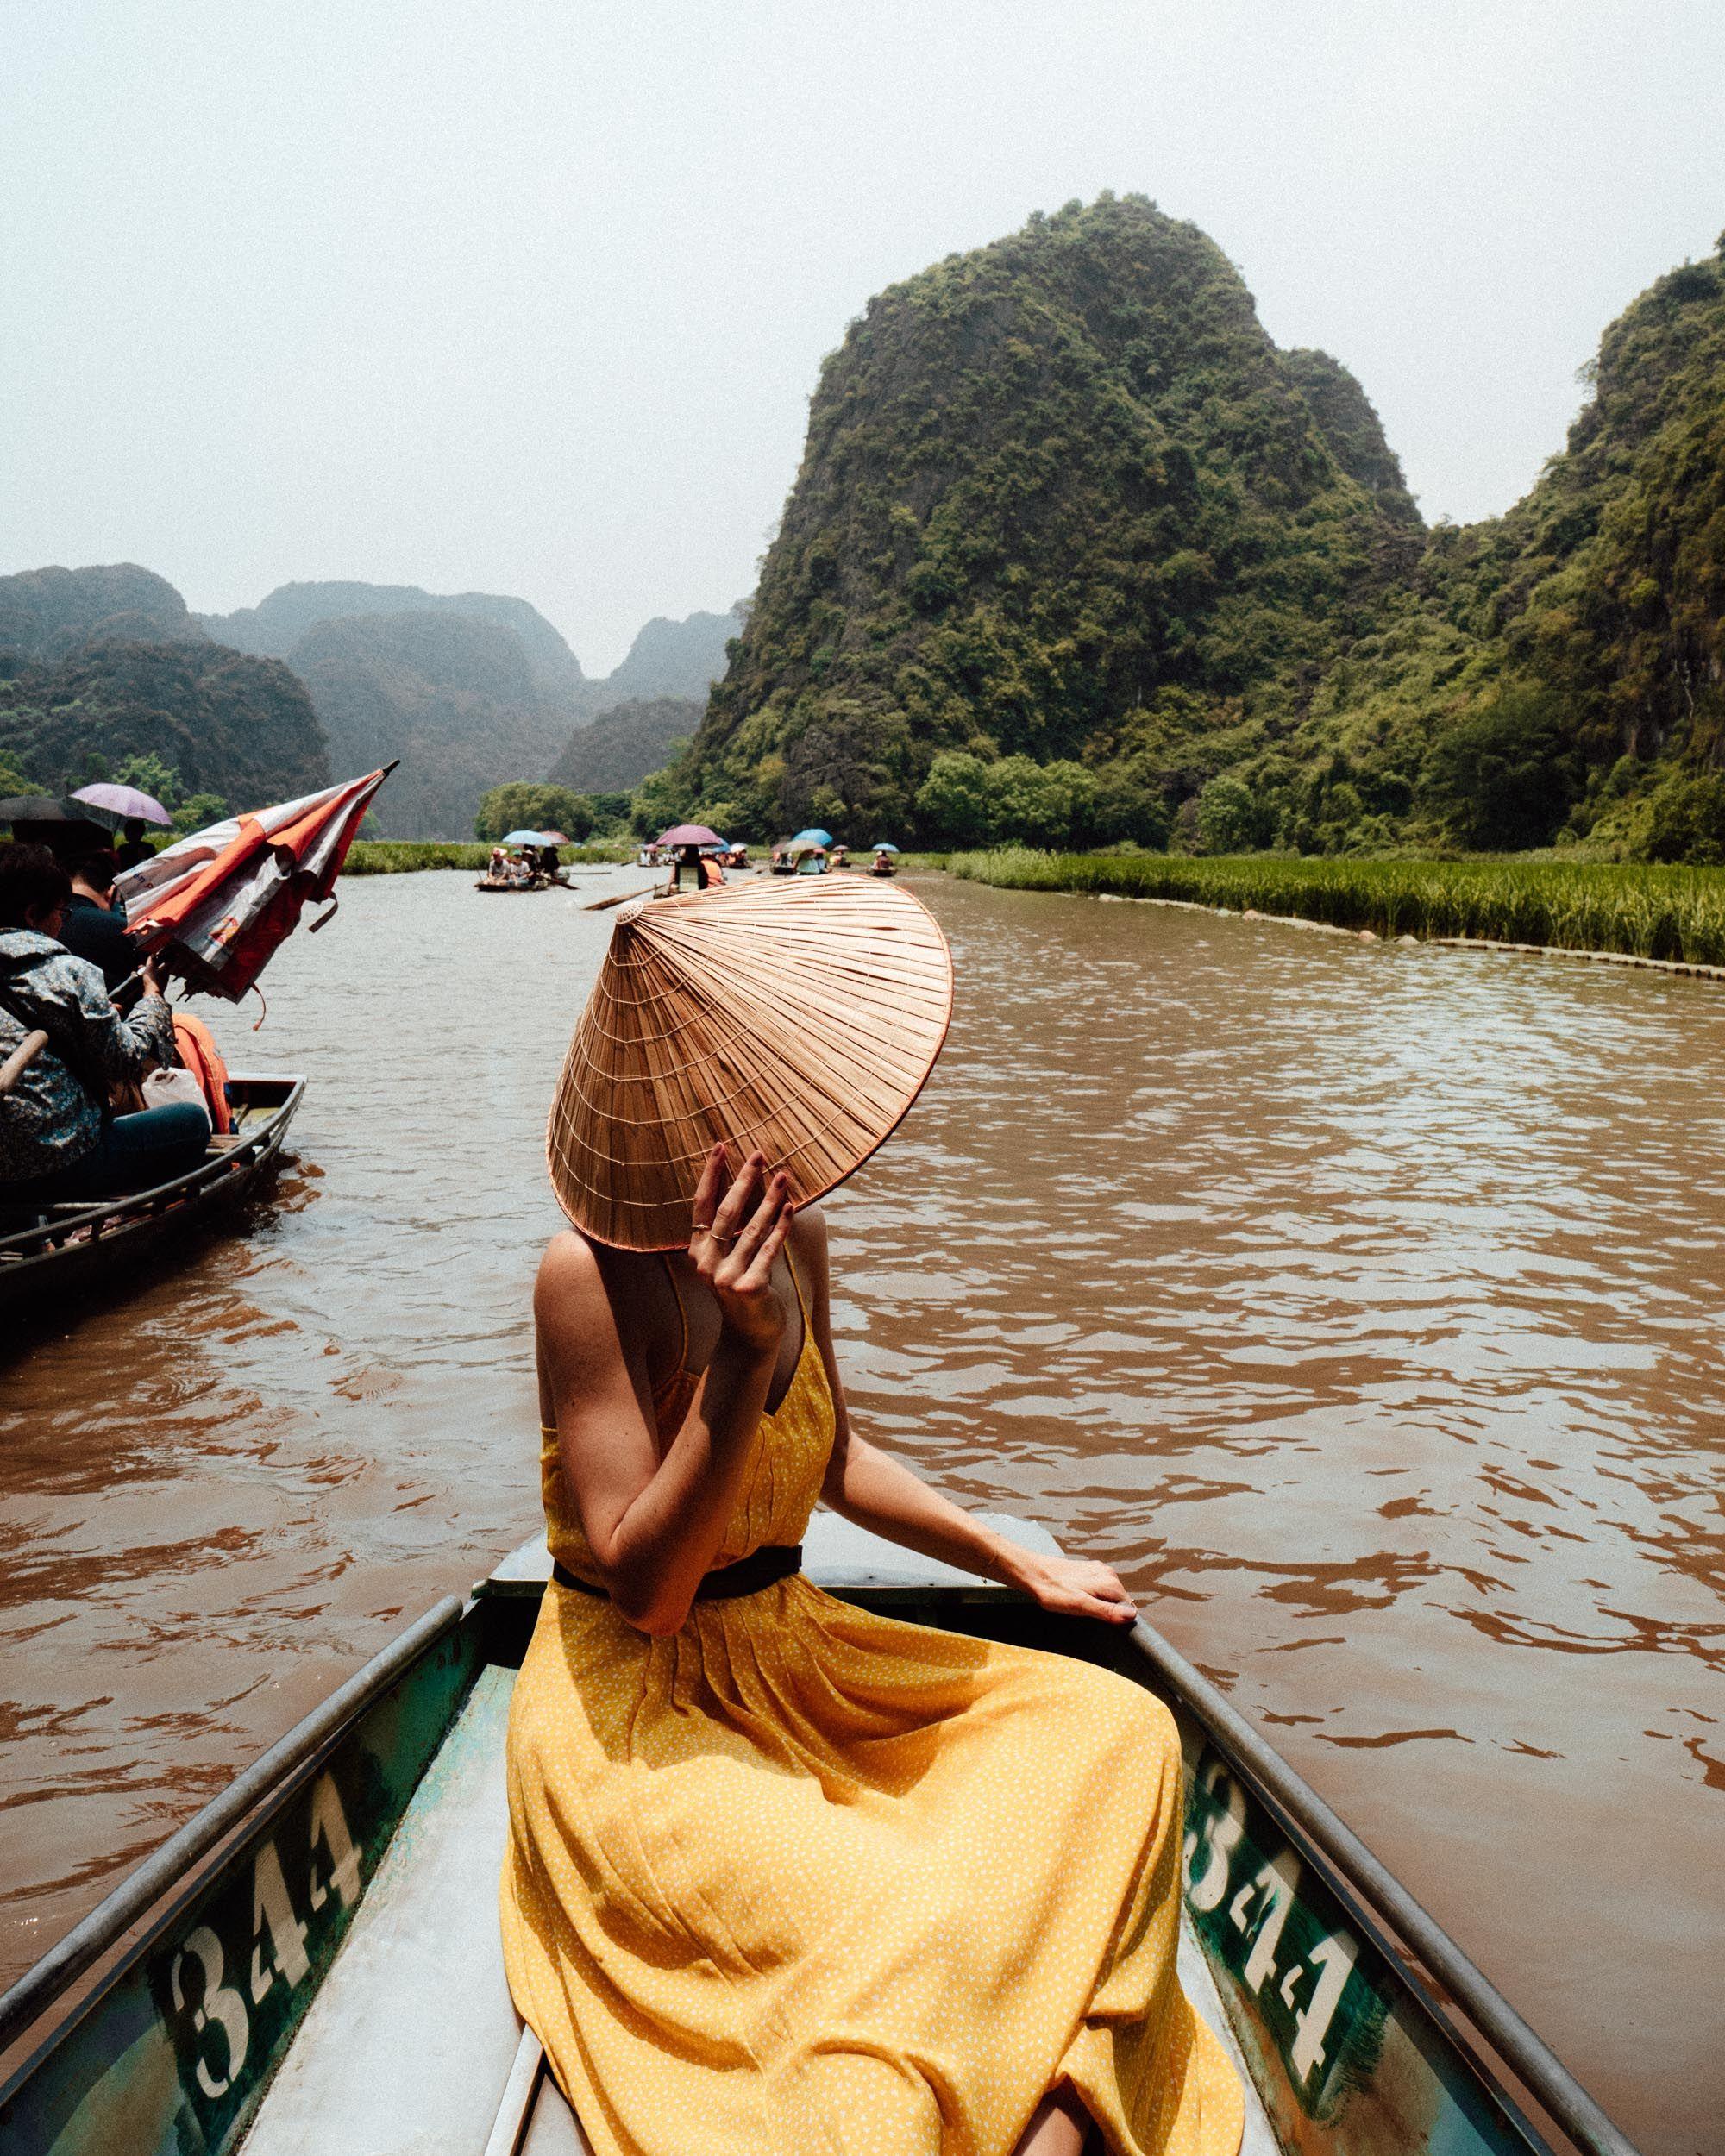 вязь призвана фотоотчет отдых во вьетнаме последнее